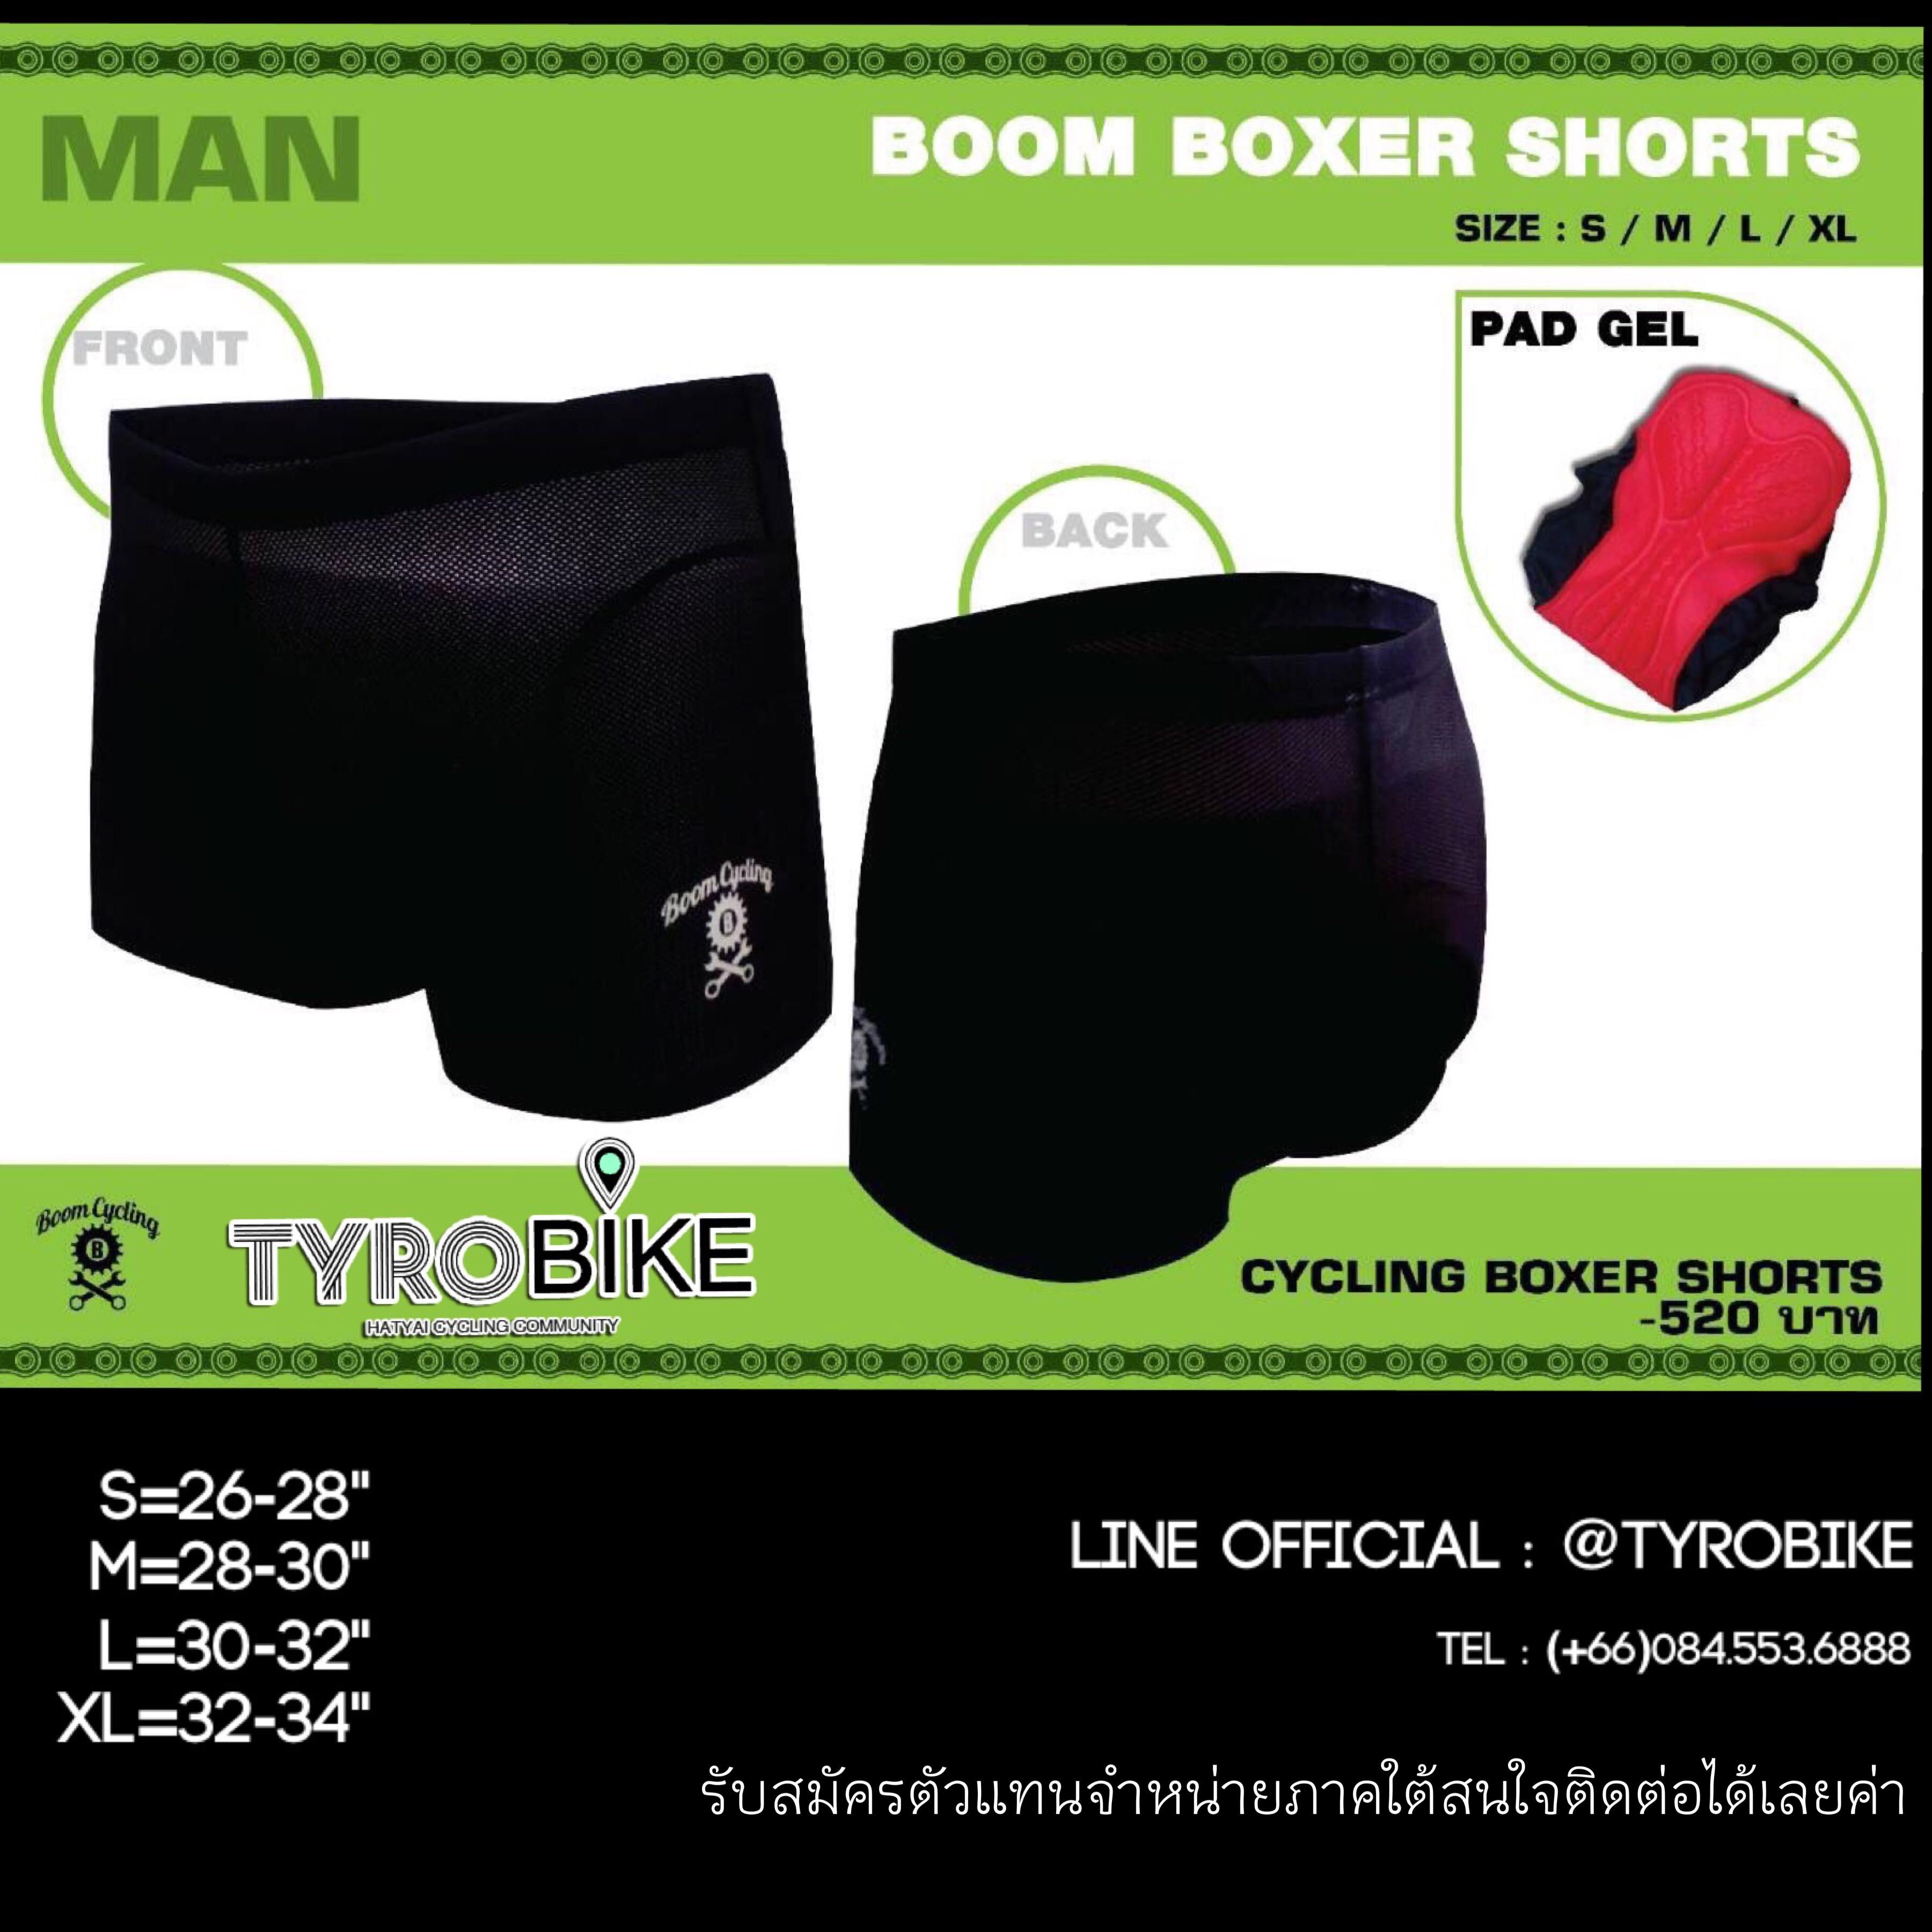 กางเกงบ็อกเซอร์เจลBOOMปั่นจักรยานสำหรับผู้ชาย